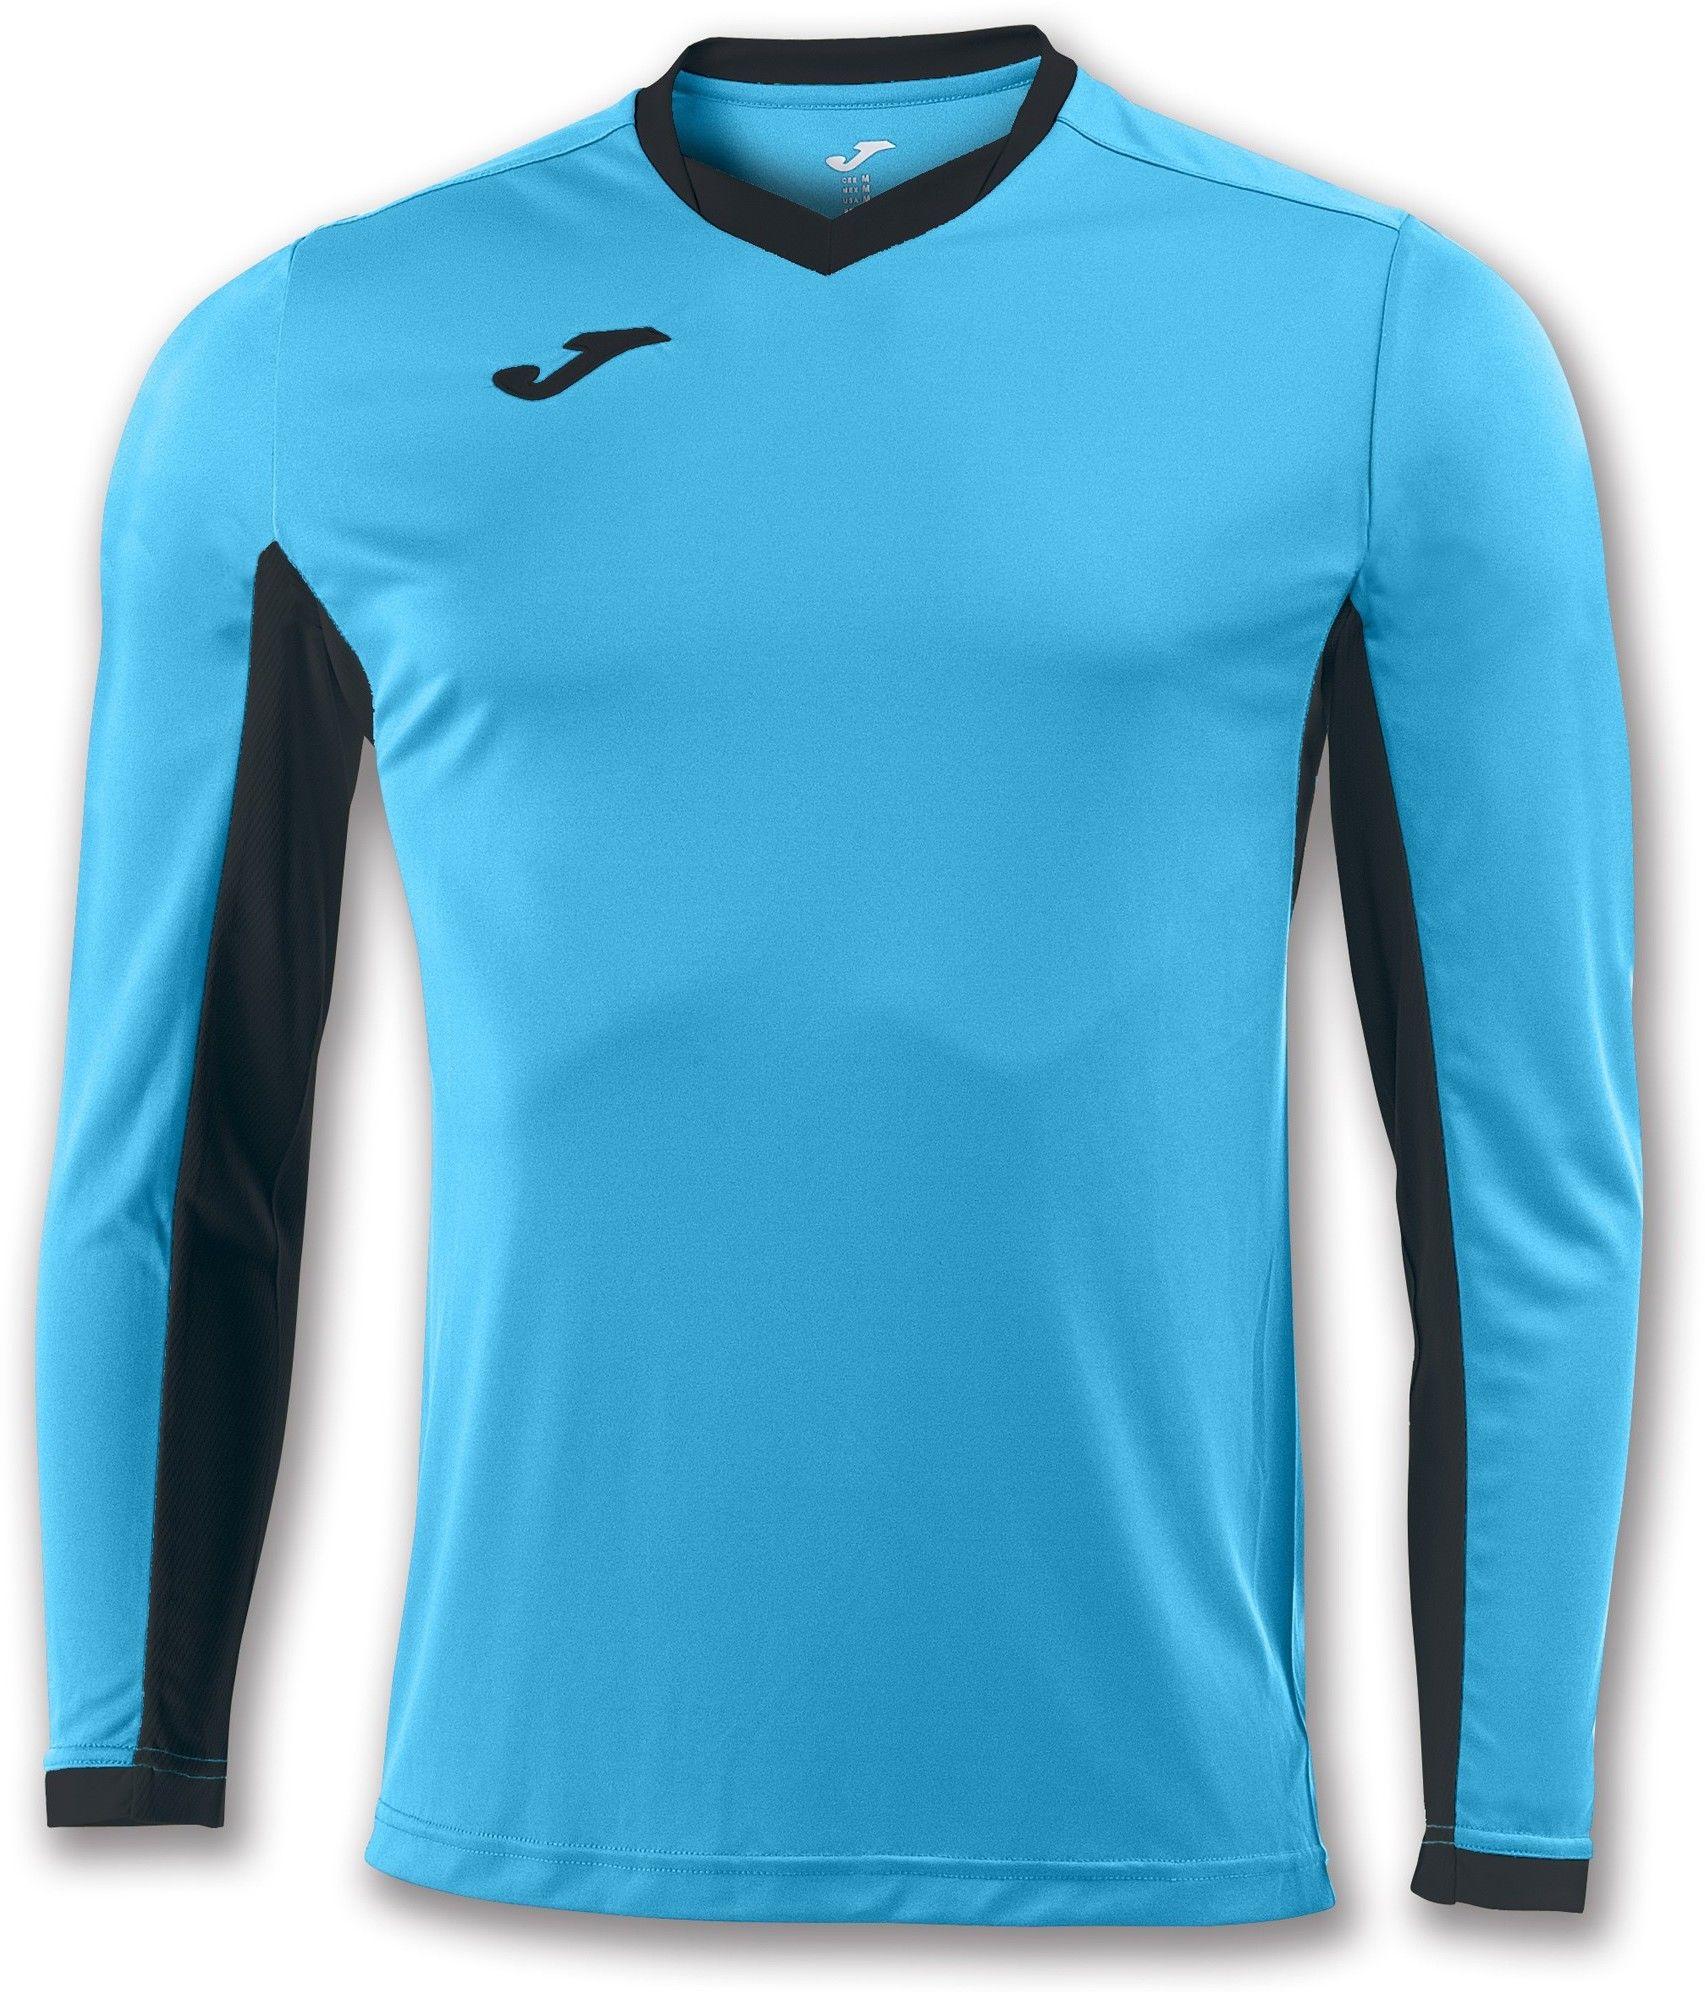 Koszulka Joma Champion IV turquoise fluor/black (10 szt.)